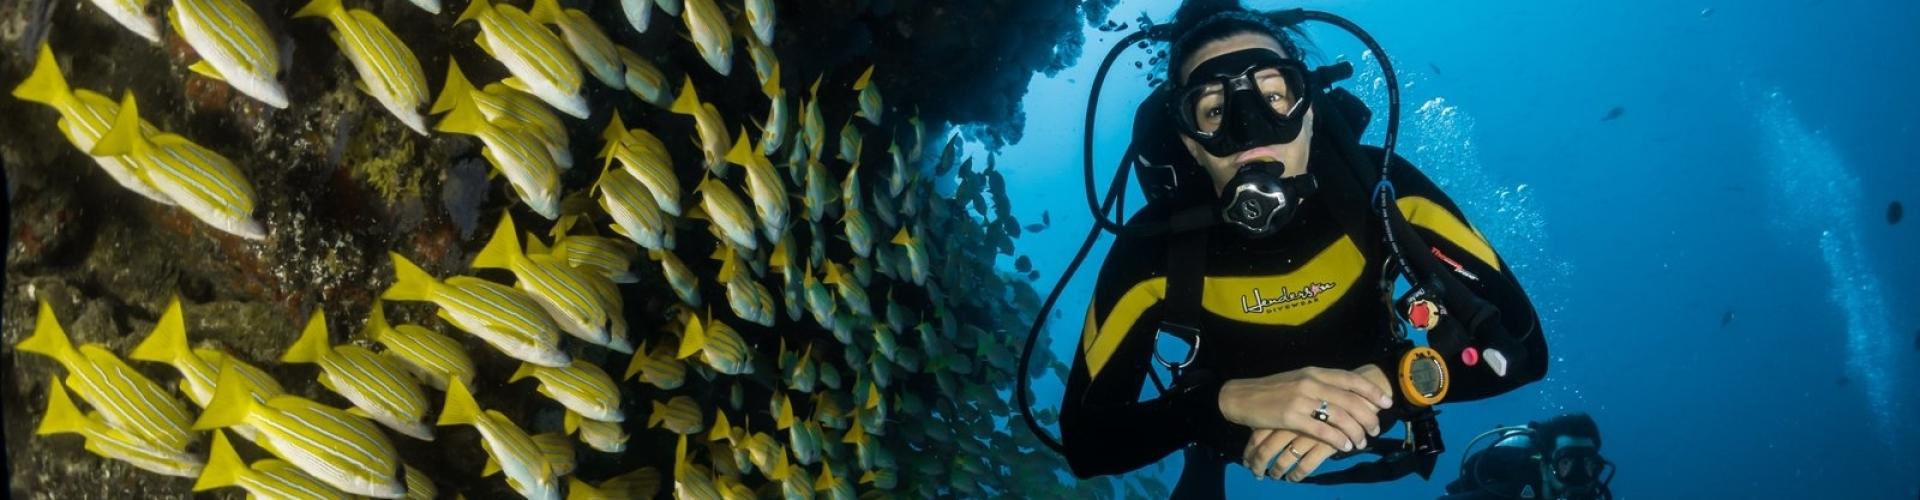 duiken-naast-vissen-en-koralen-zuid-afrika